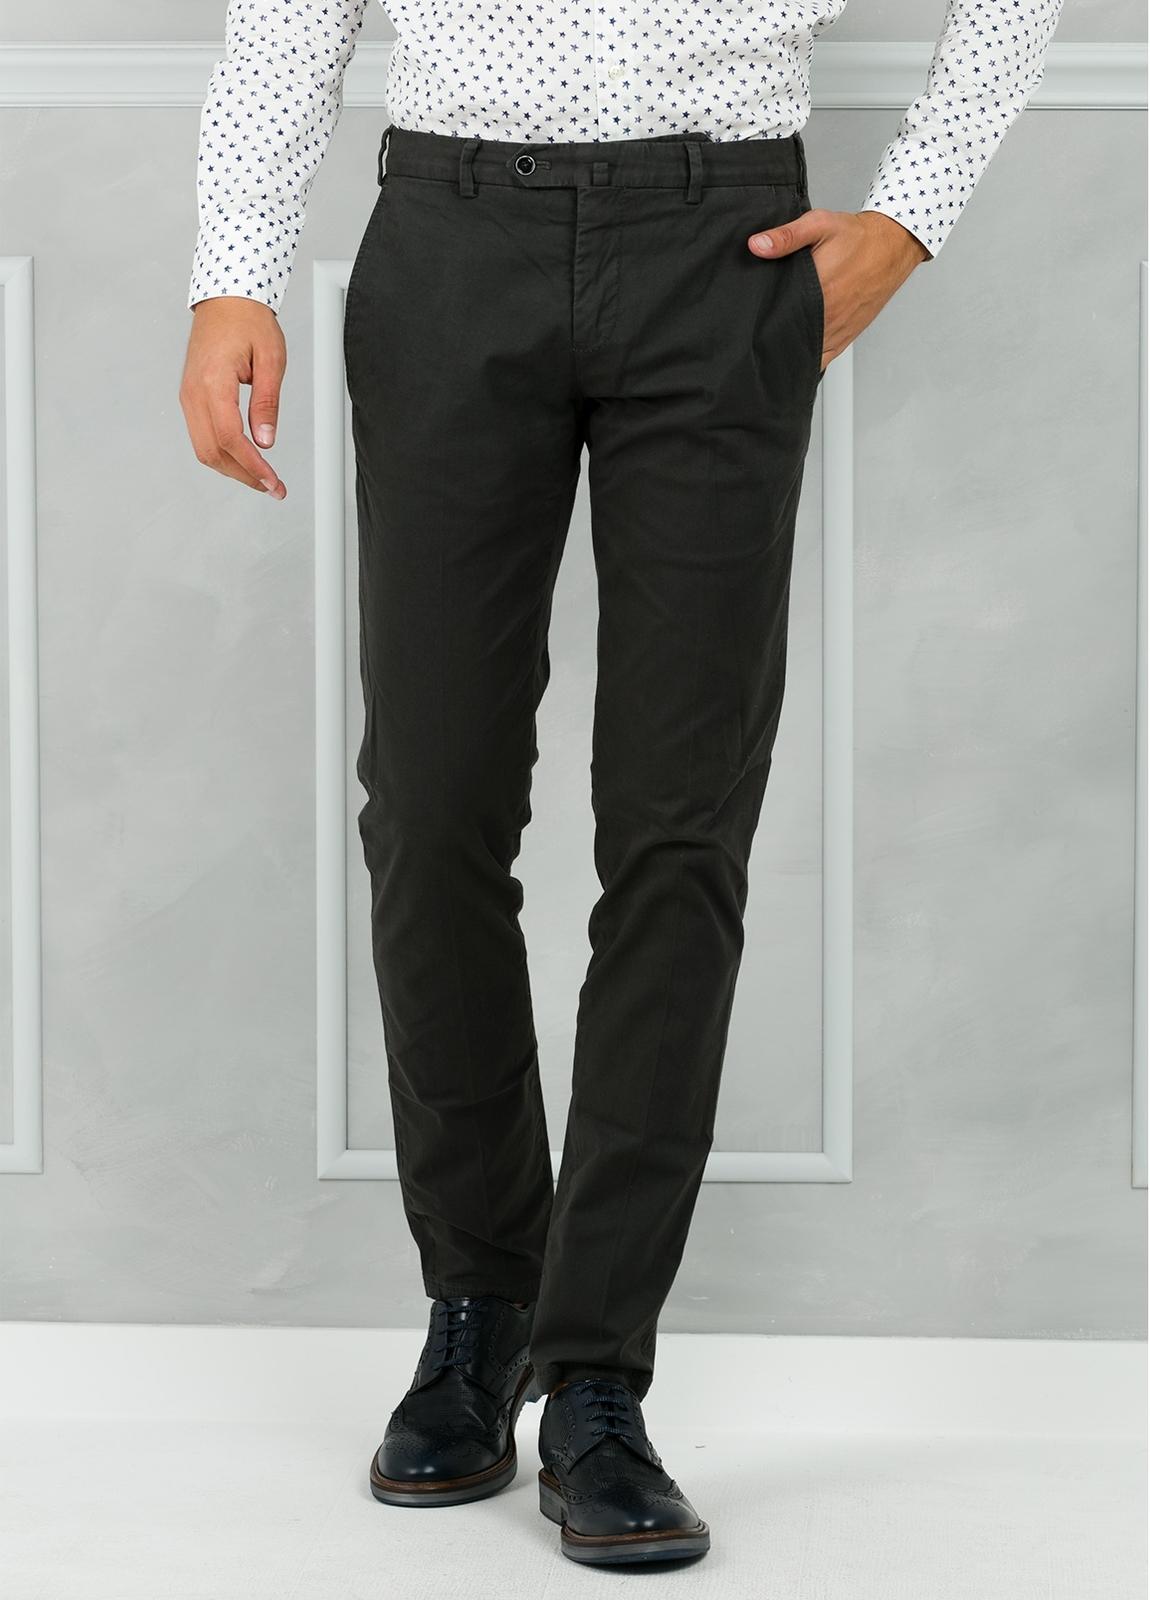 Pantalón chino modelo SANTA color gris. 98% Algodón 2% Elastán.